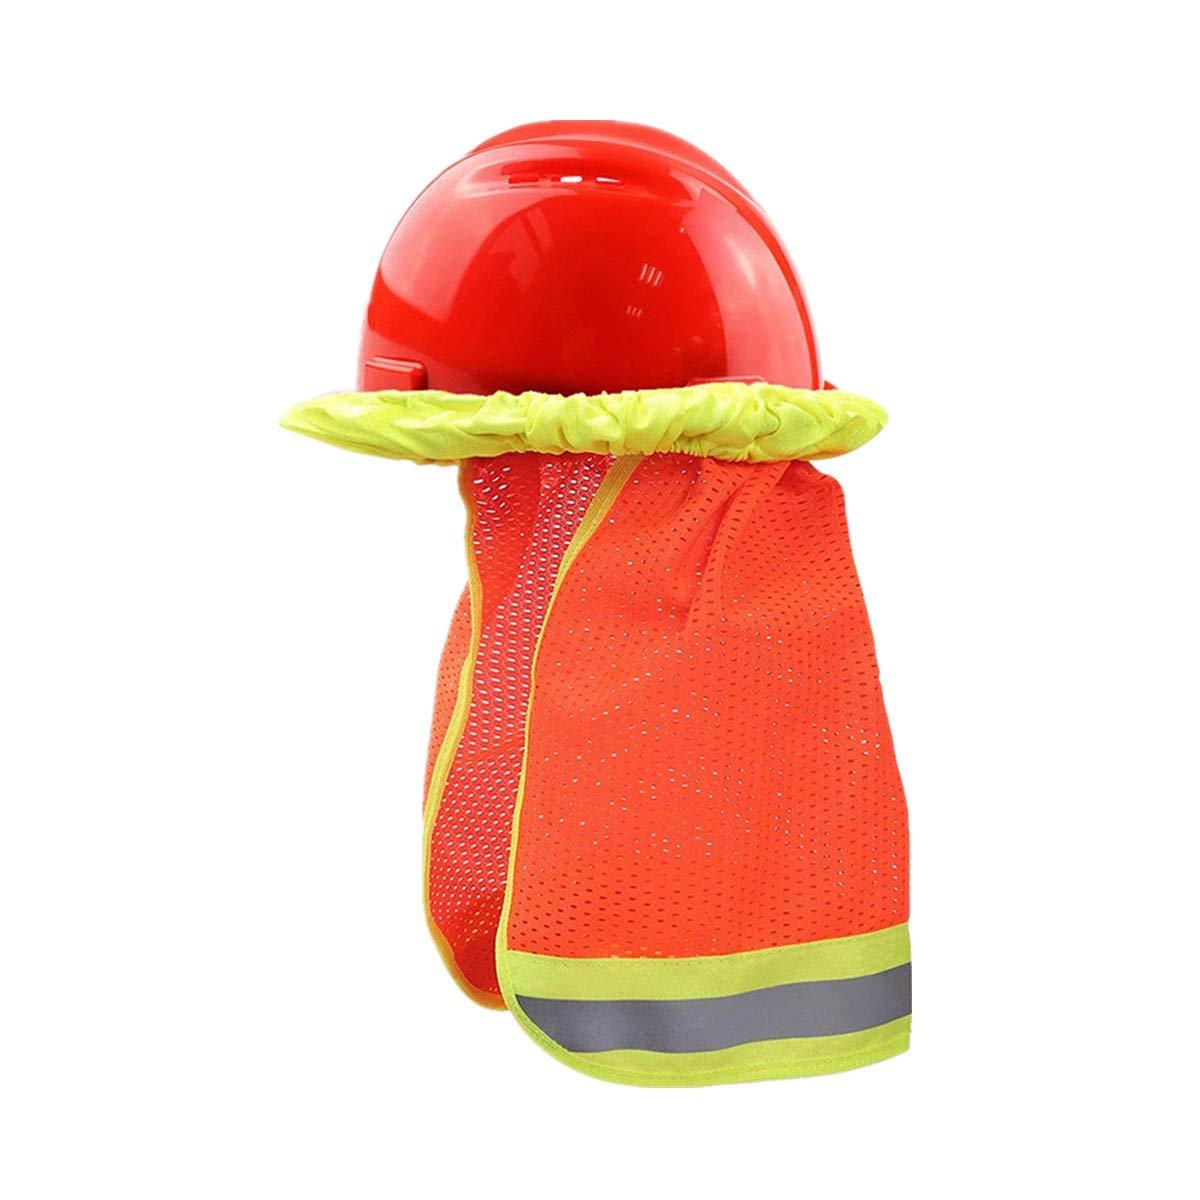 XIAKE 2 Pck Hard Hat Sun Shield Full Brim Mesh Neck Sunshade W Reflective Yellow